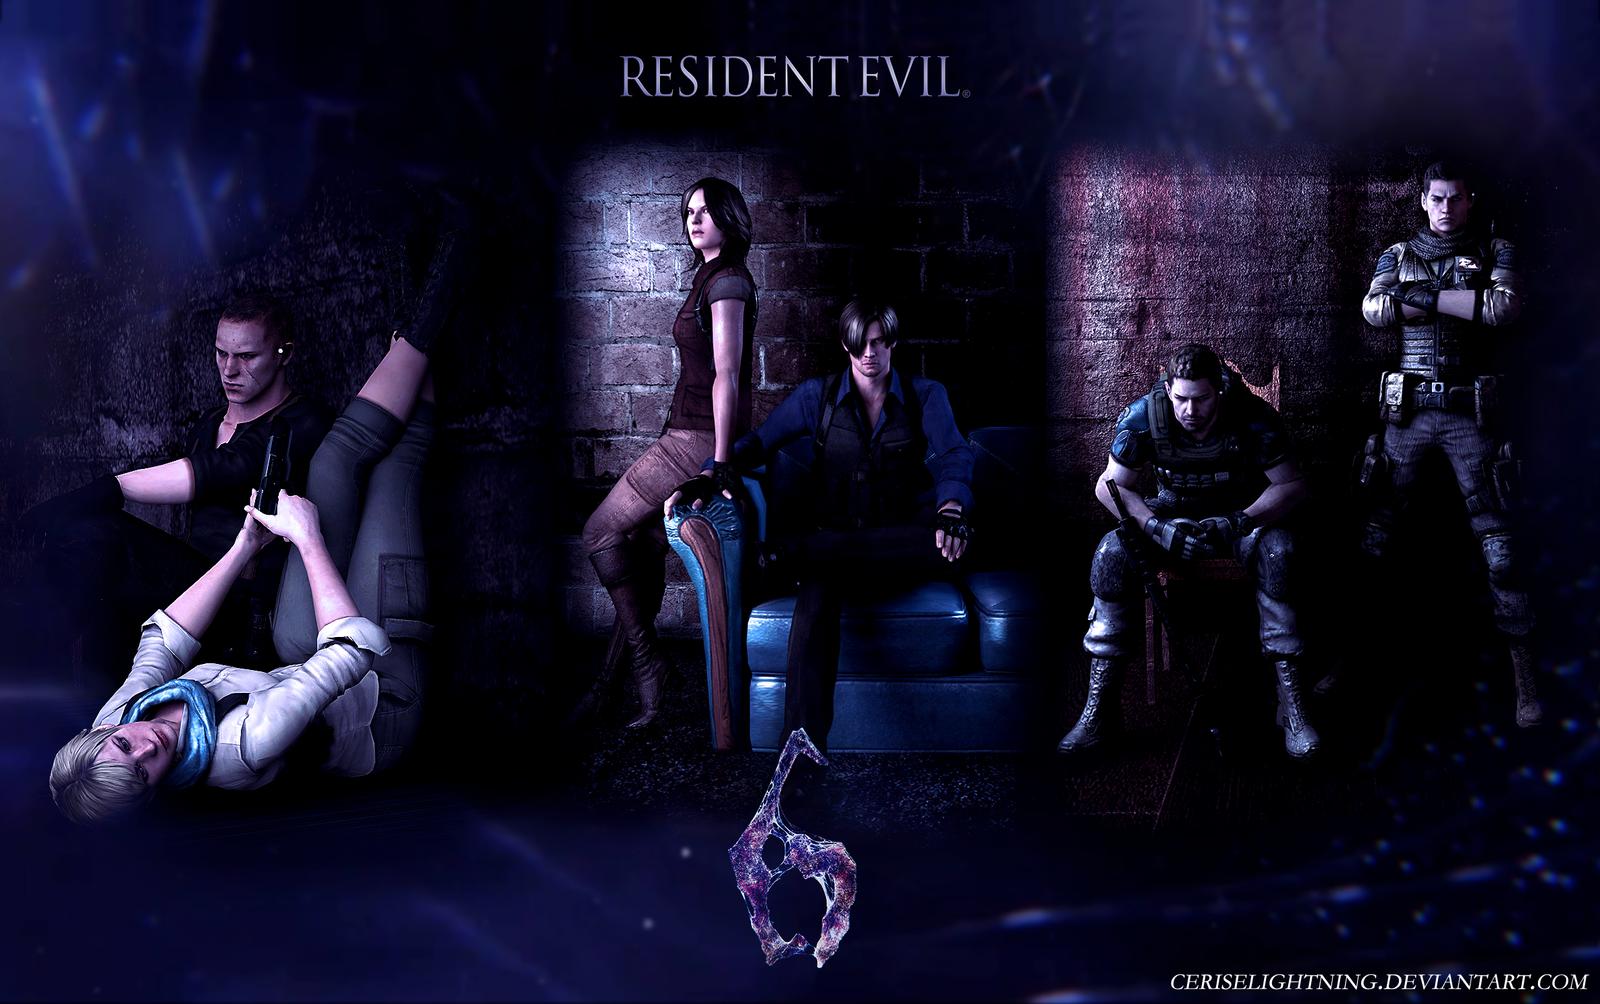 Resident Evil 6 Wallpaper By Ceriselightning On DeviantArt